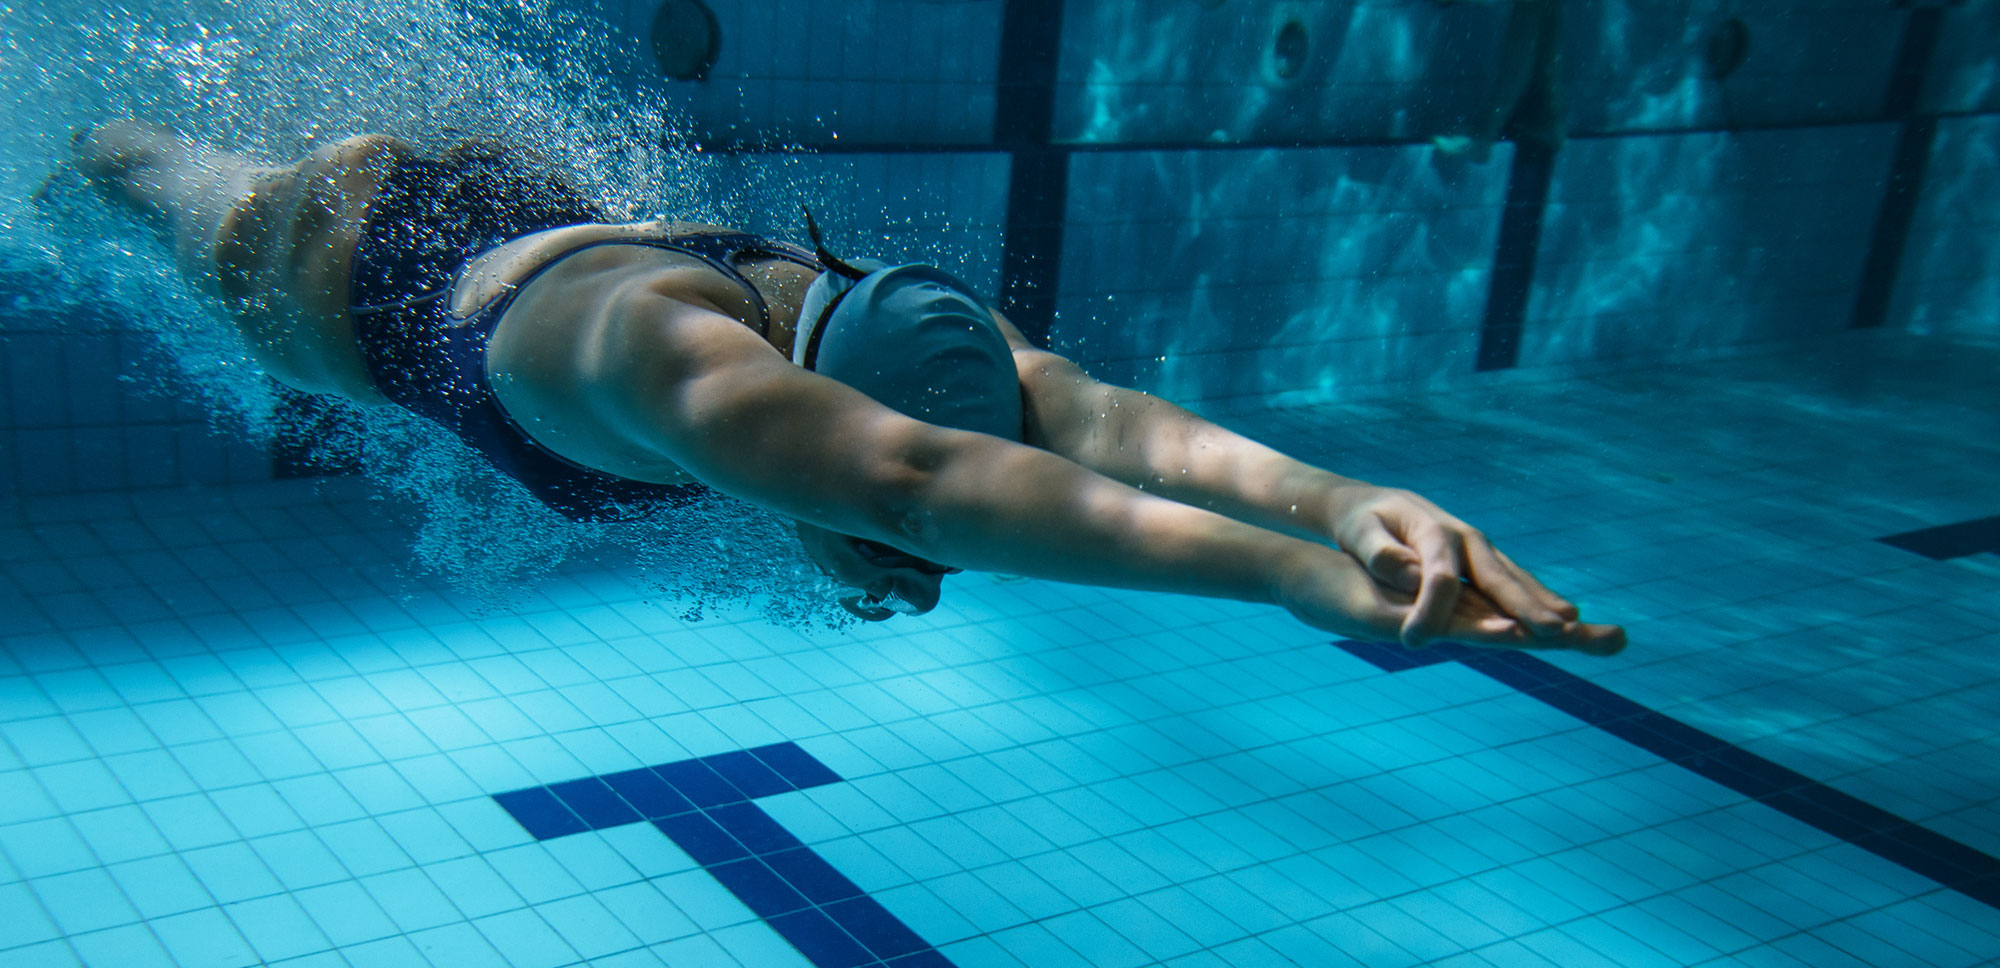 schwimmbecken_header